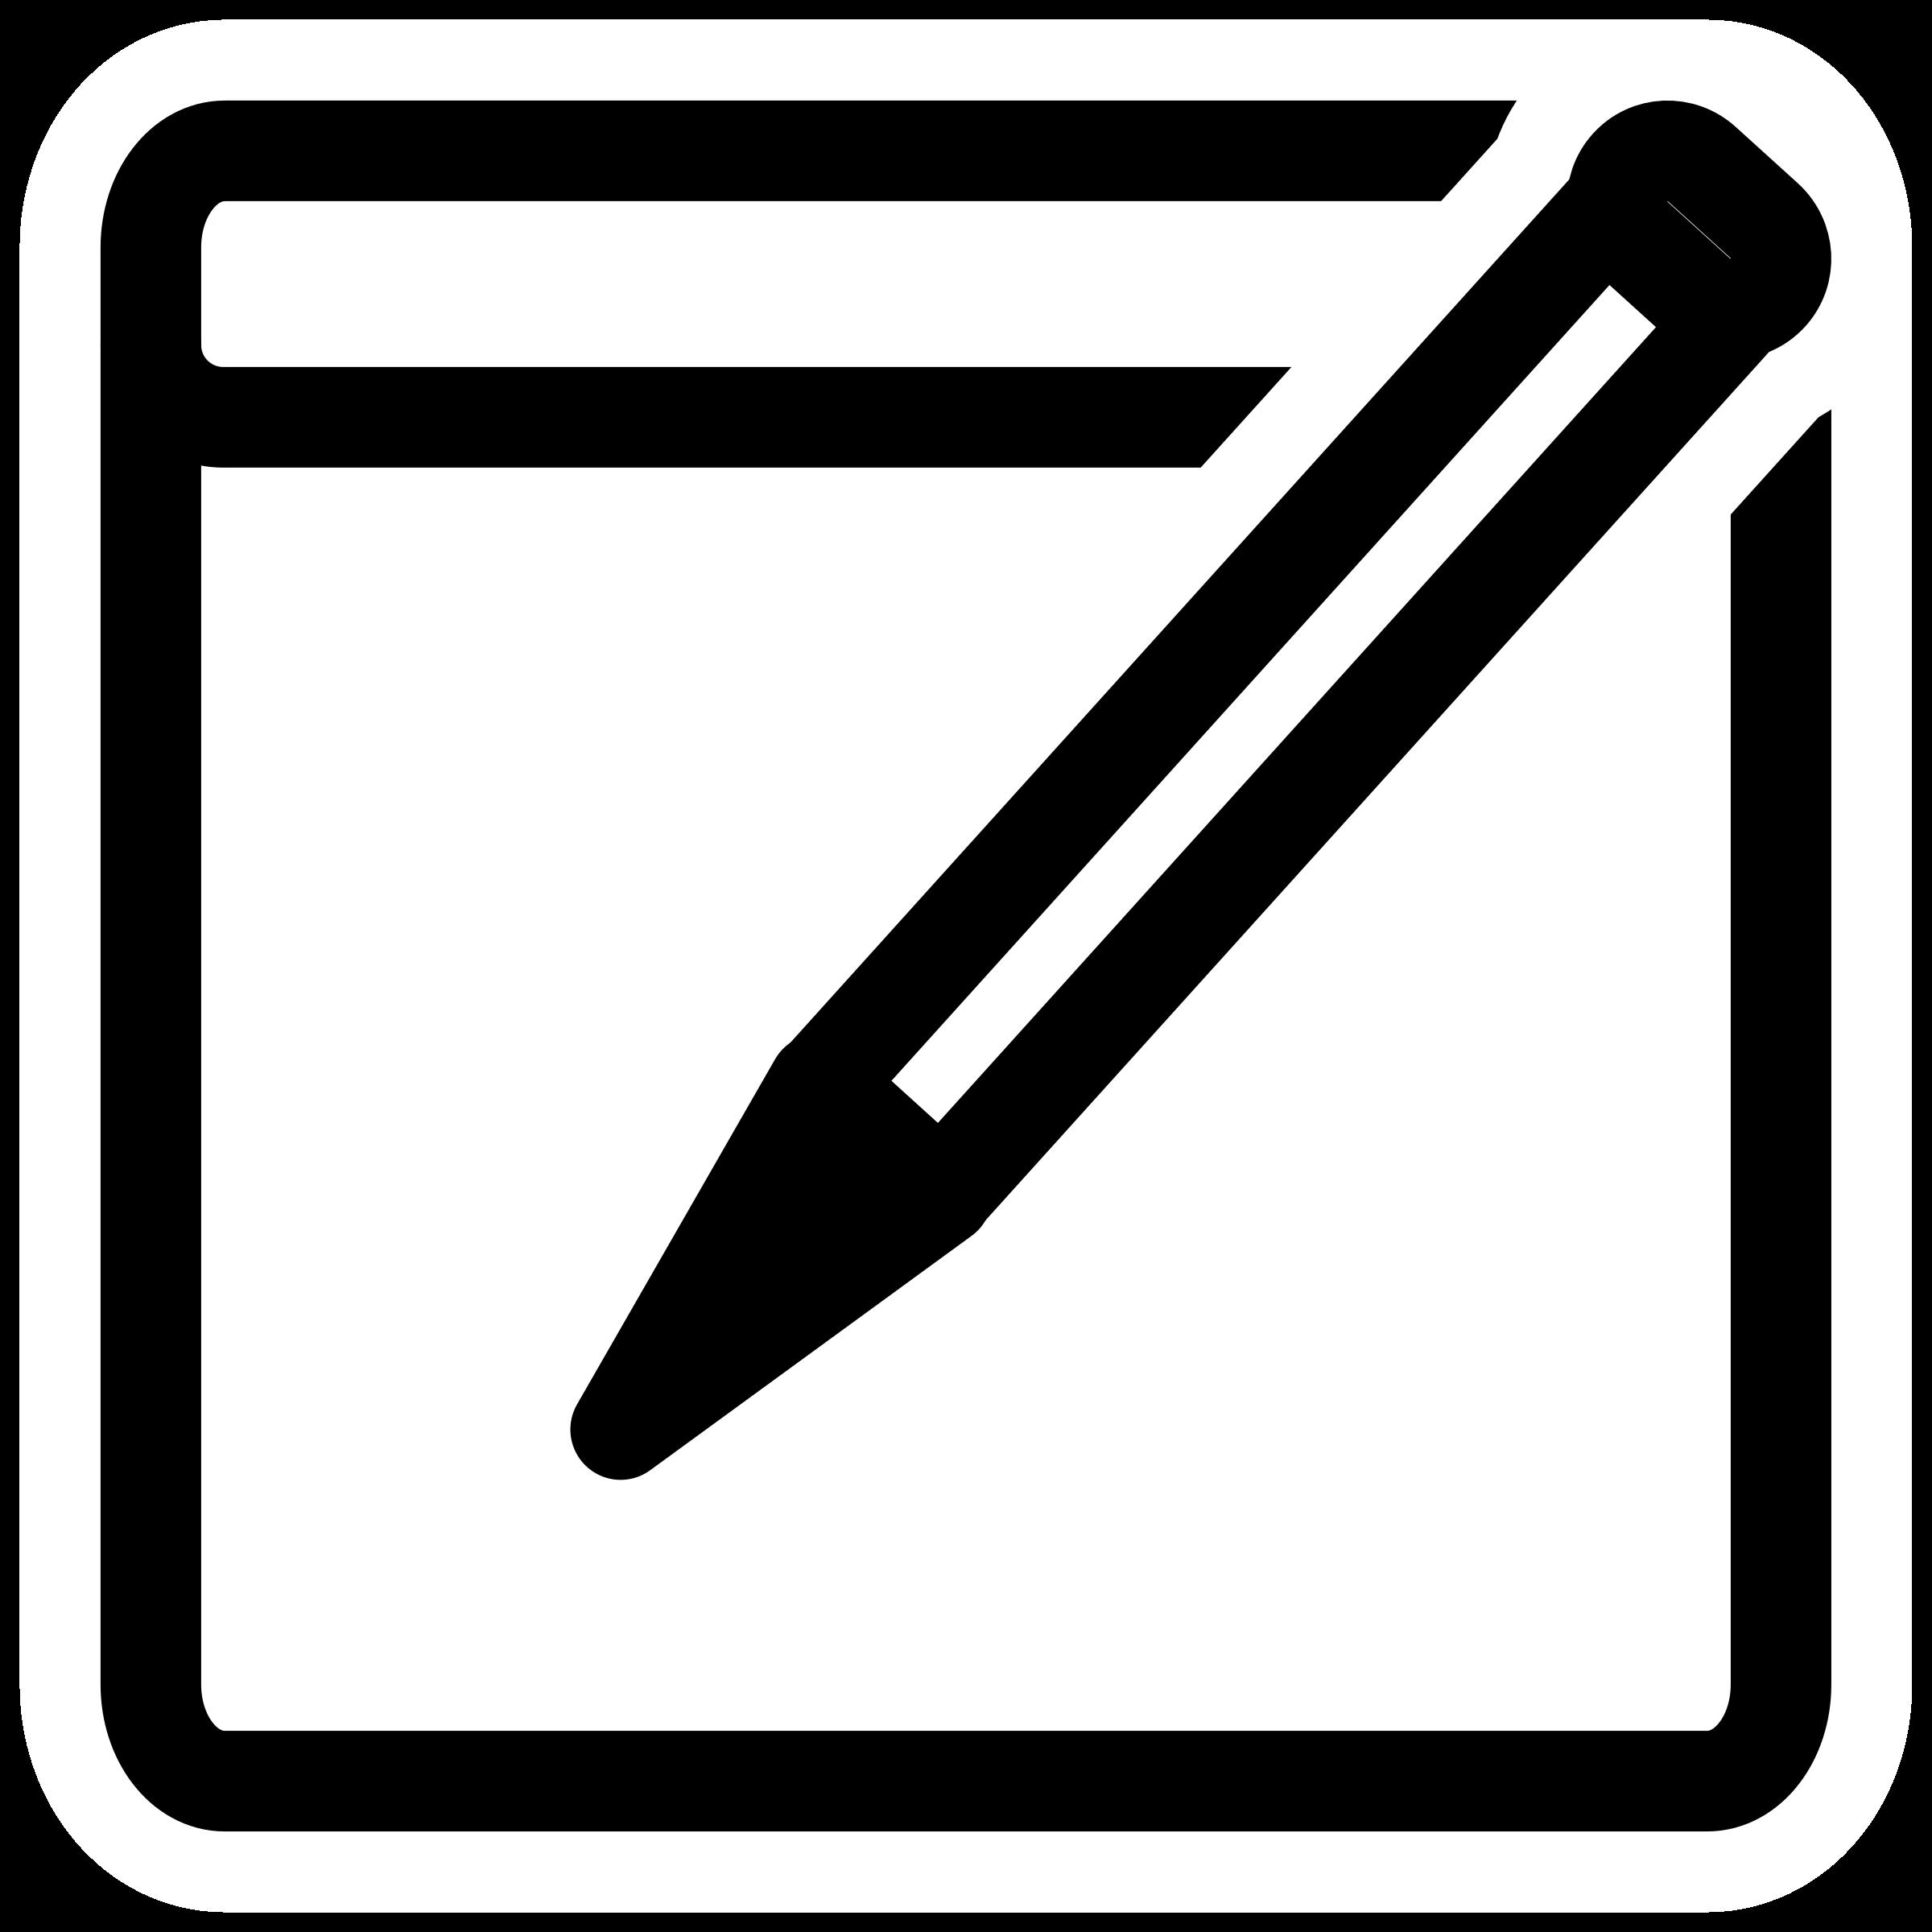 Form Clip Art.